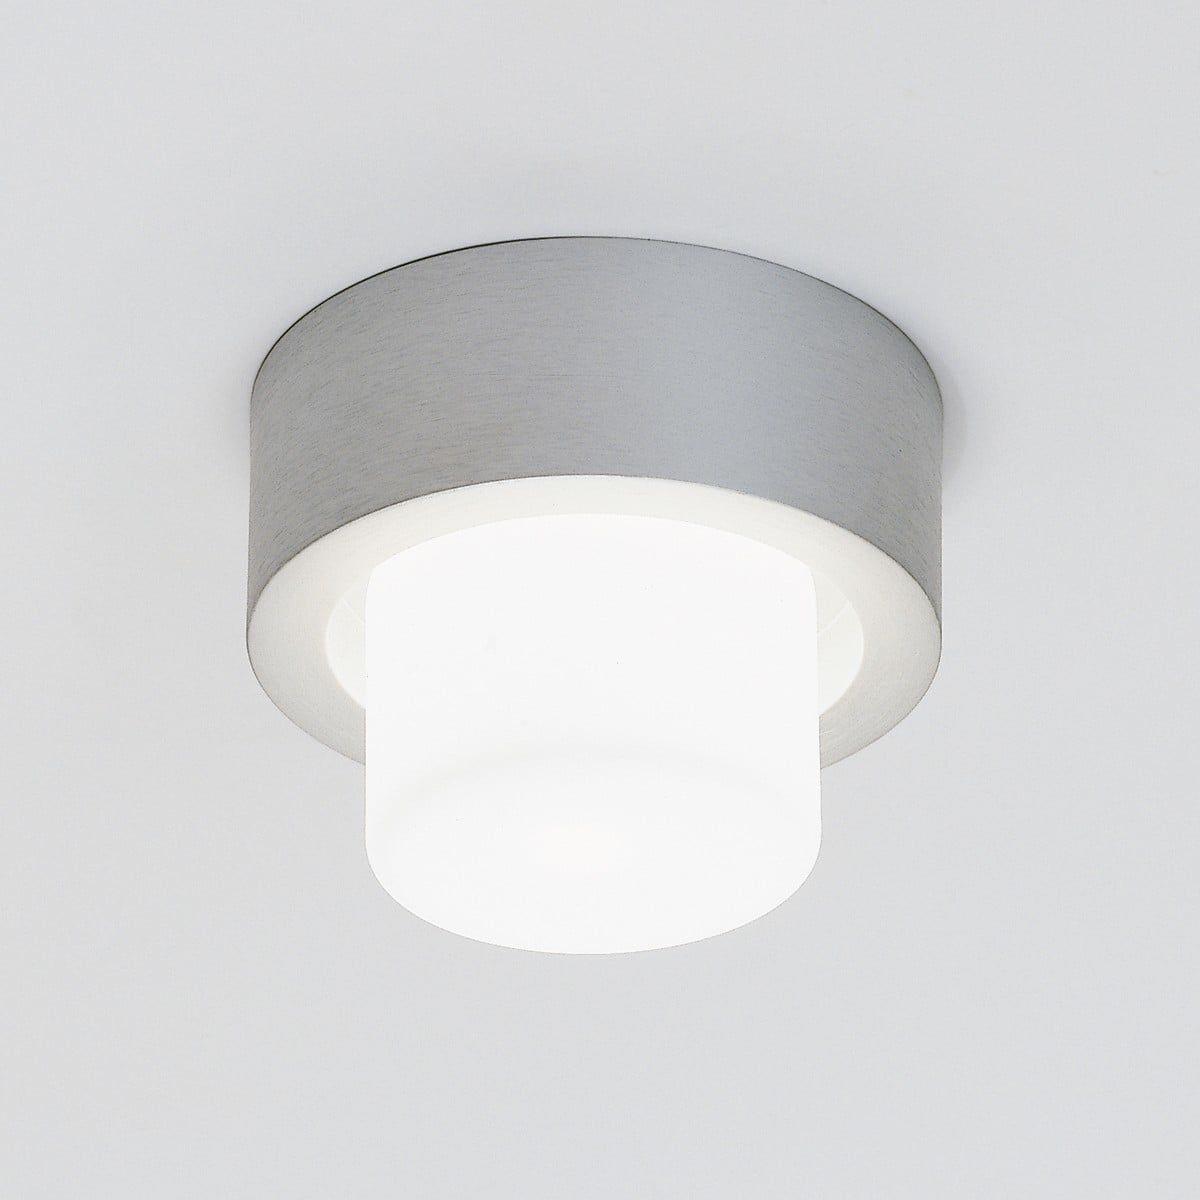 Deckenleuchten Design Gunstig Kristall Lampe Reinigen Bad Deckenleuchte Ip4 Deckenleuchten Design Gunstig Kristal Wall Lights Indirect Lighting Wands